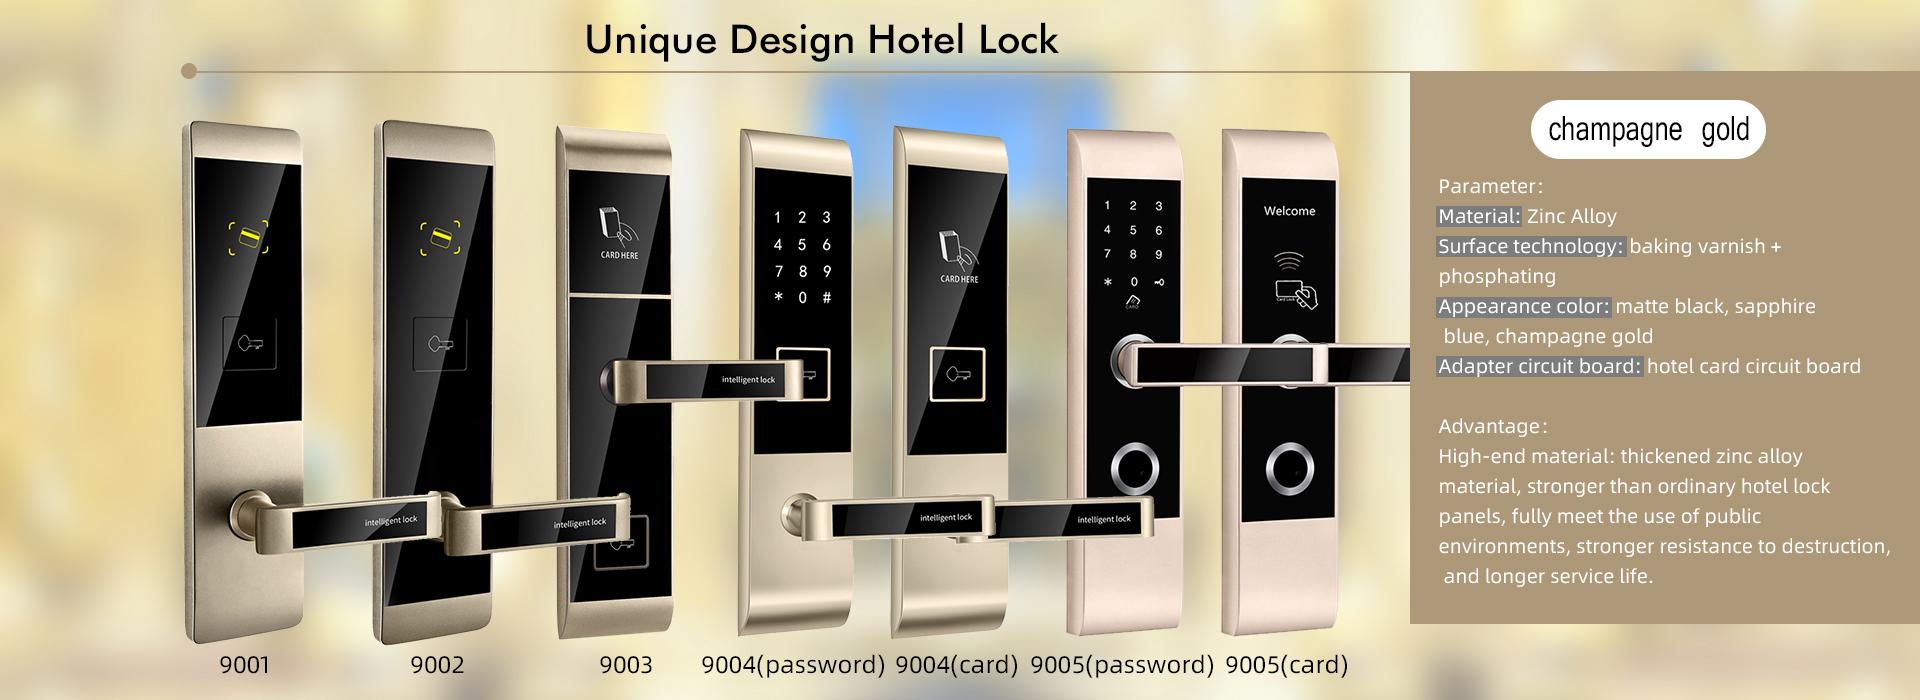 unique design hotel lock system